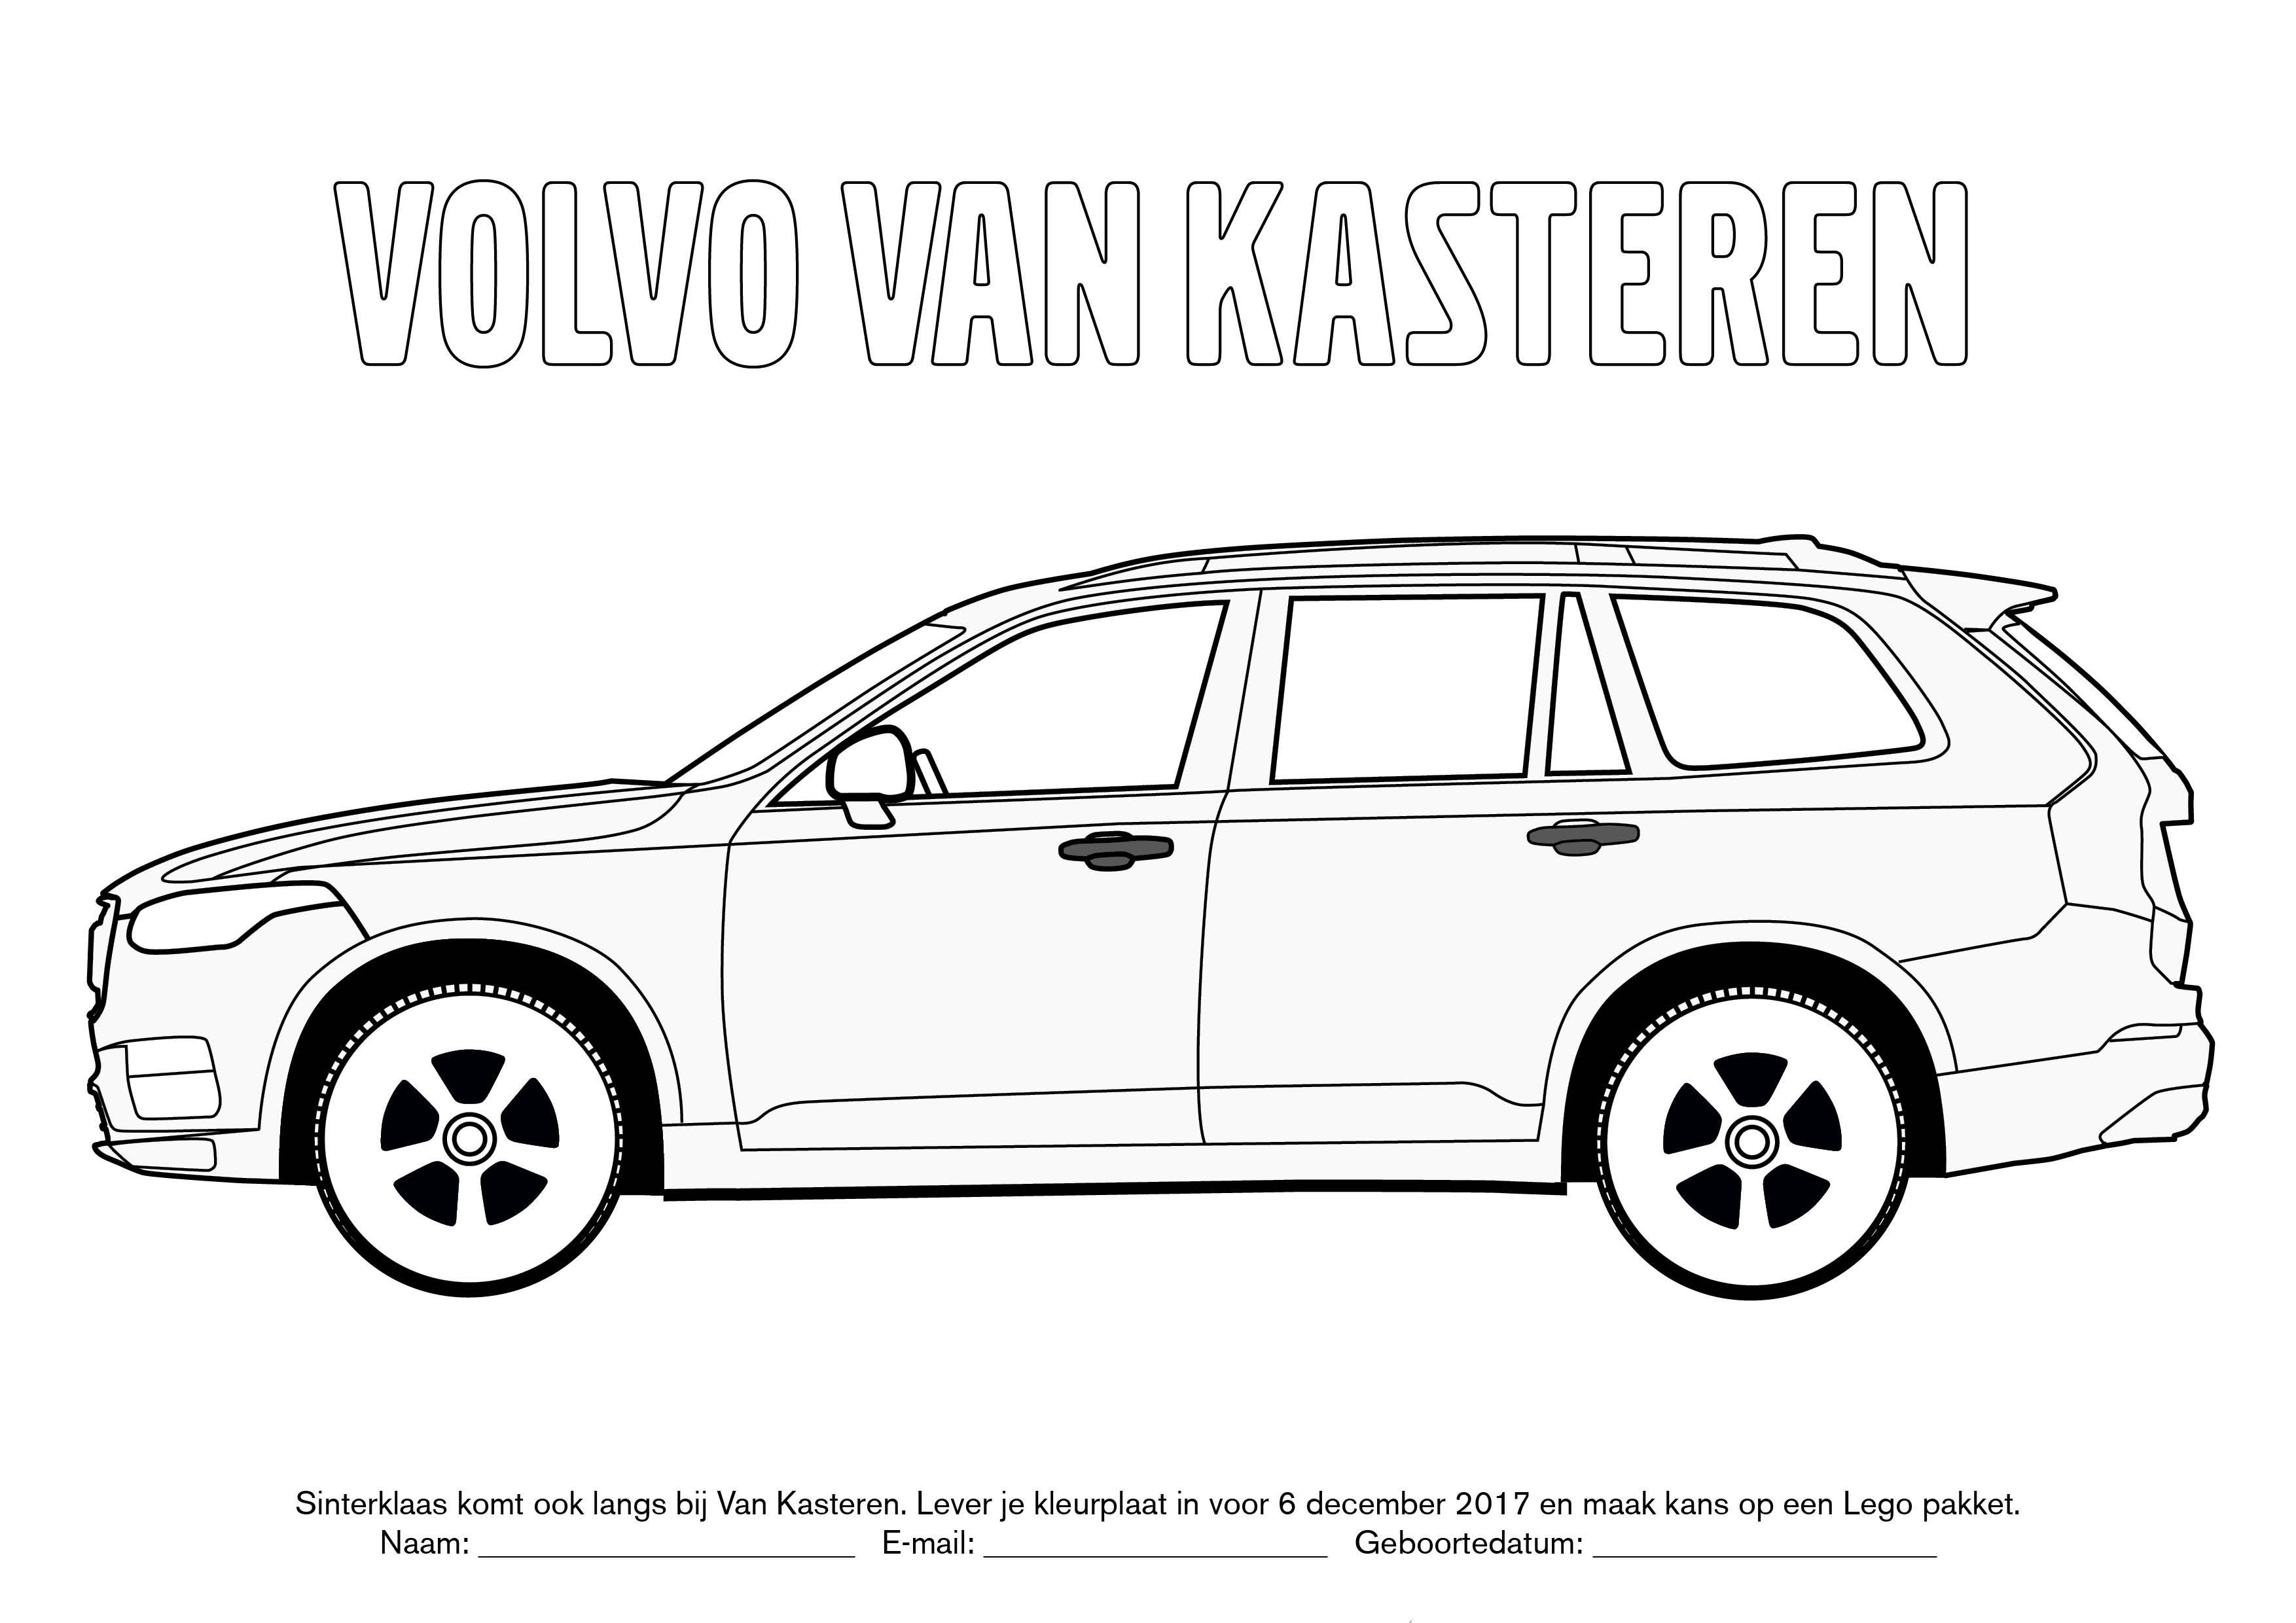 Volvo V90 Kleurplaat Volvo Cars Van Kasteren Dendermonde